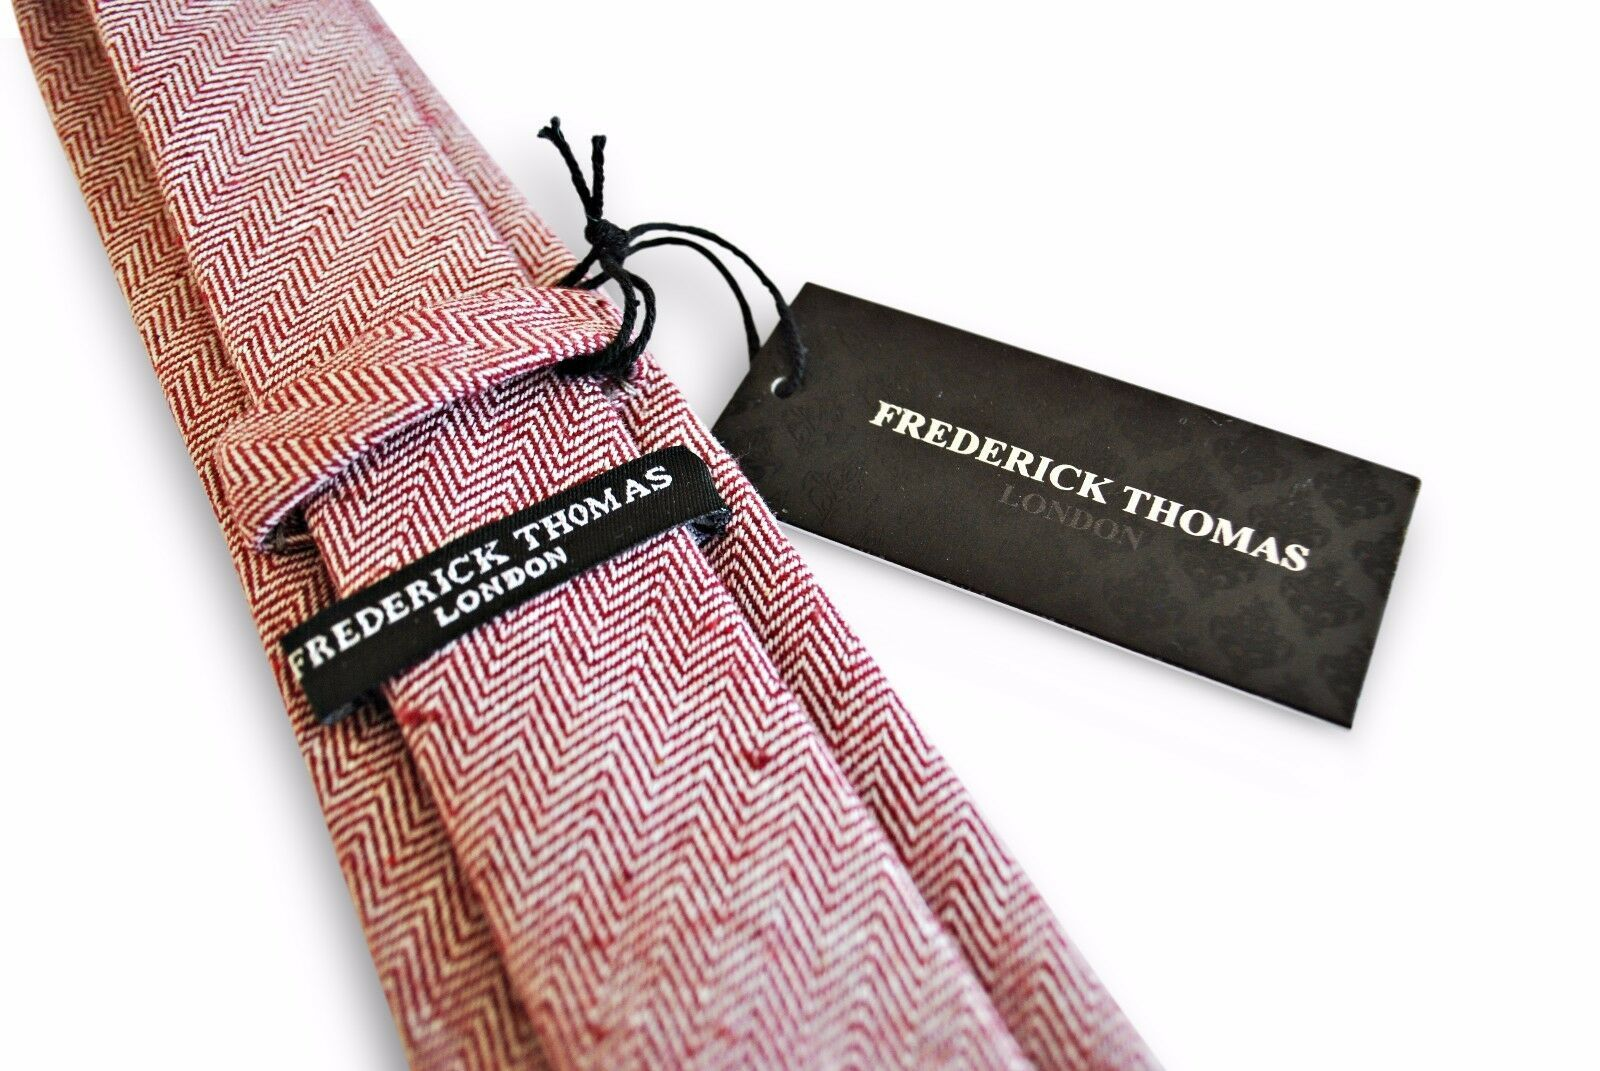 Frederick Thomas Designer Tweed Wool Mens Tie - Maroon Burgundy - Herringbone